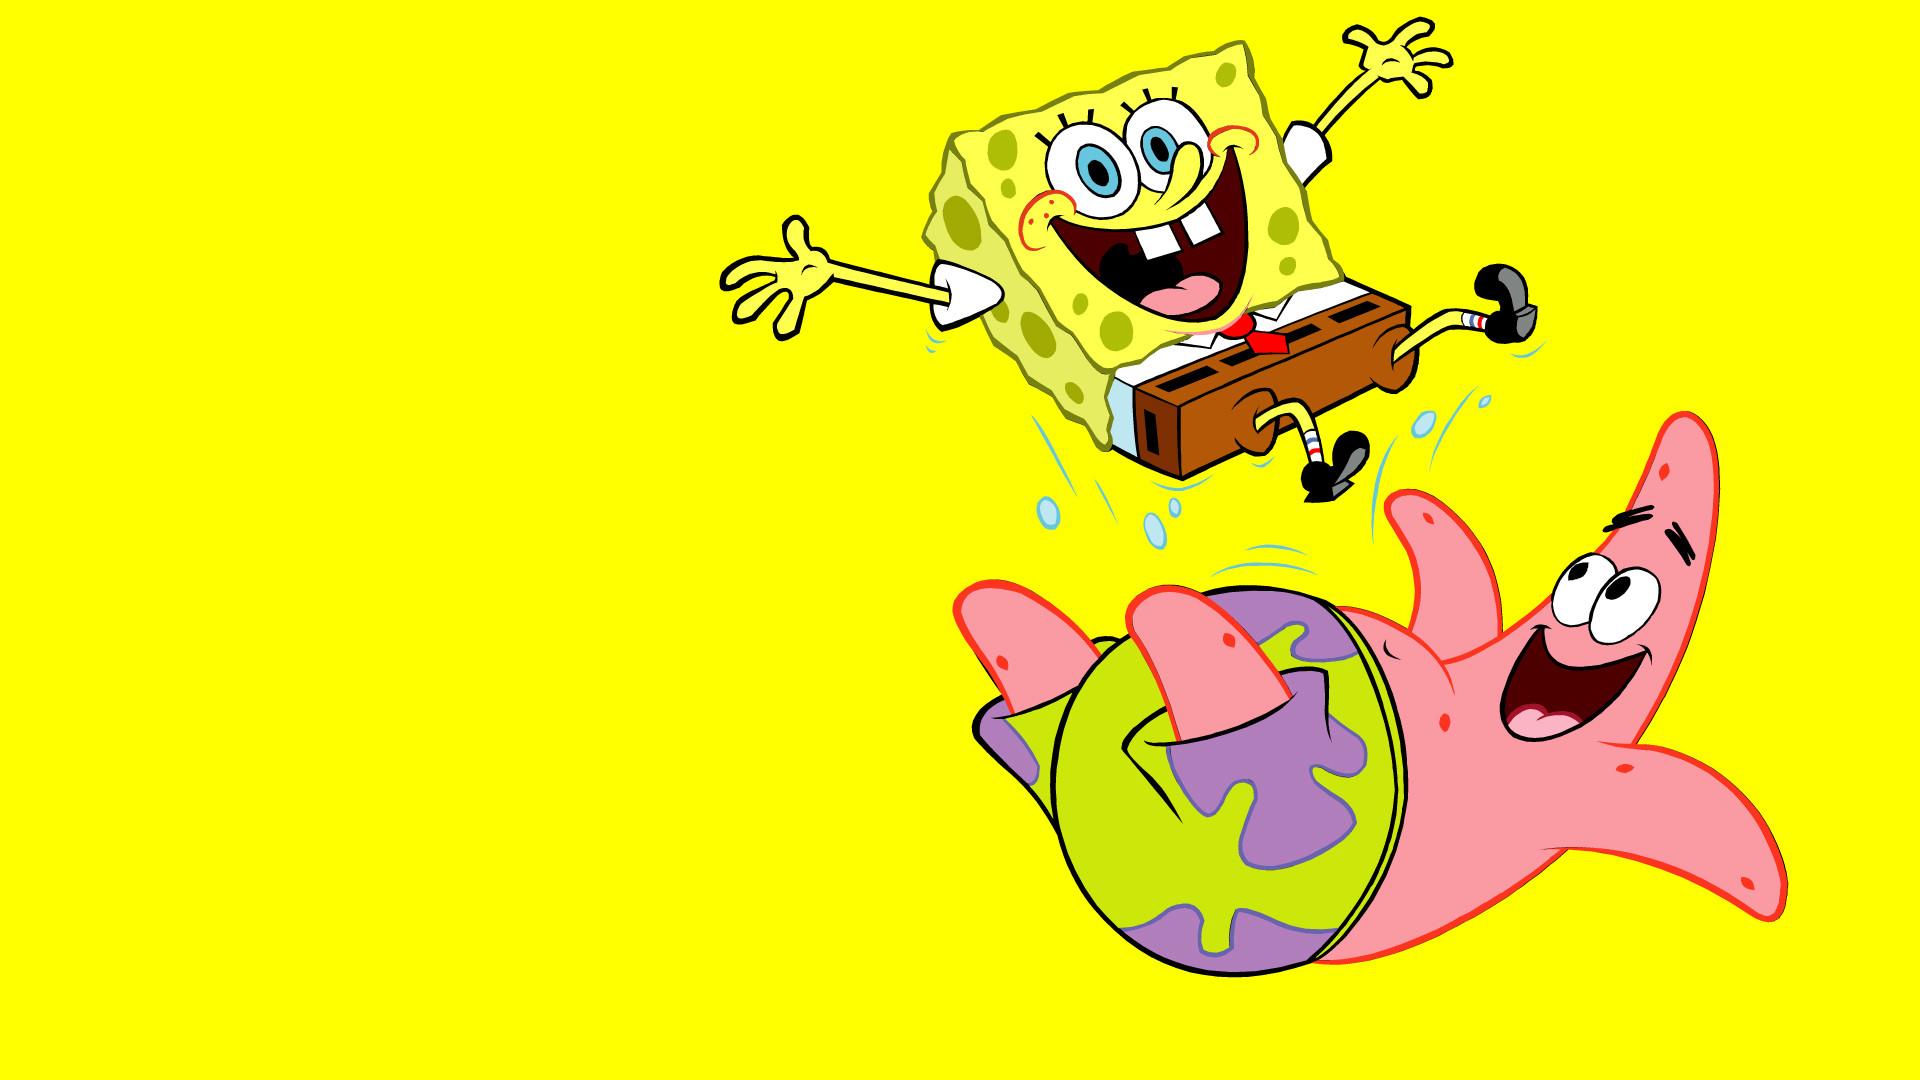 Spongebob Wallpaper 79 Images